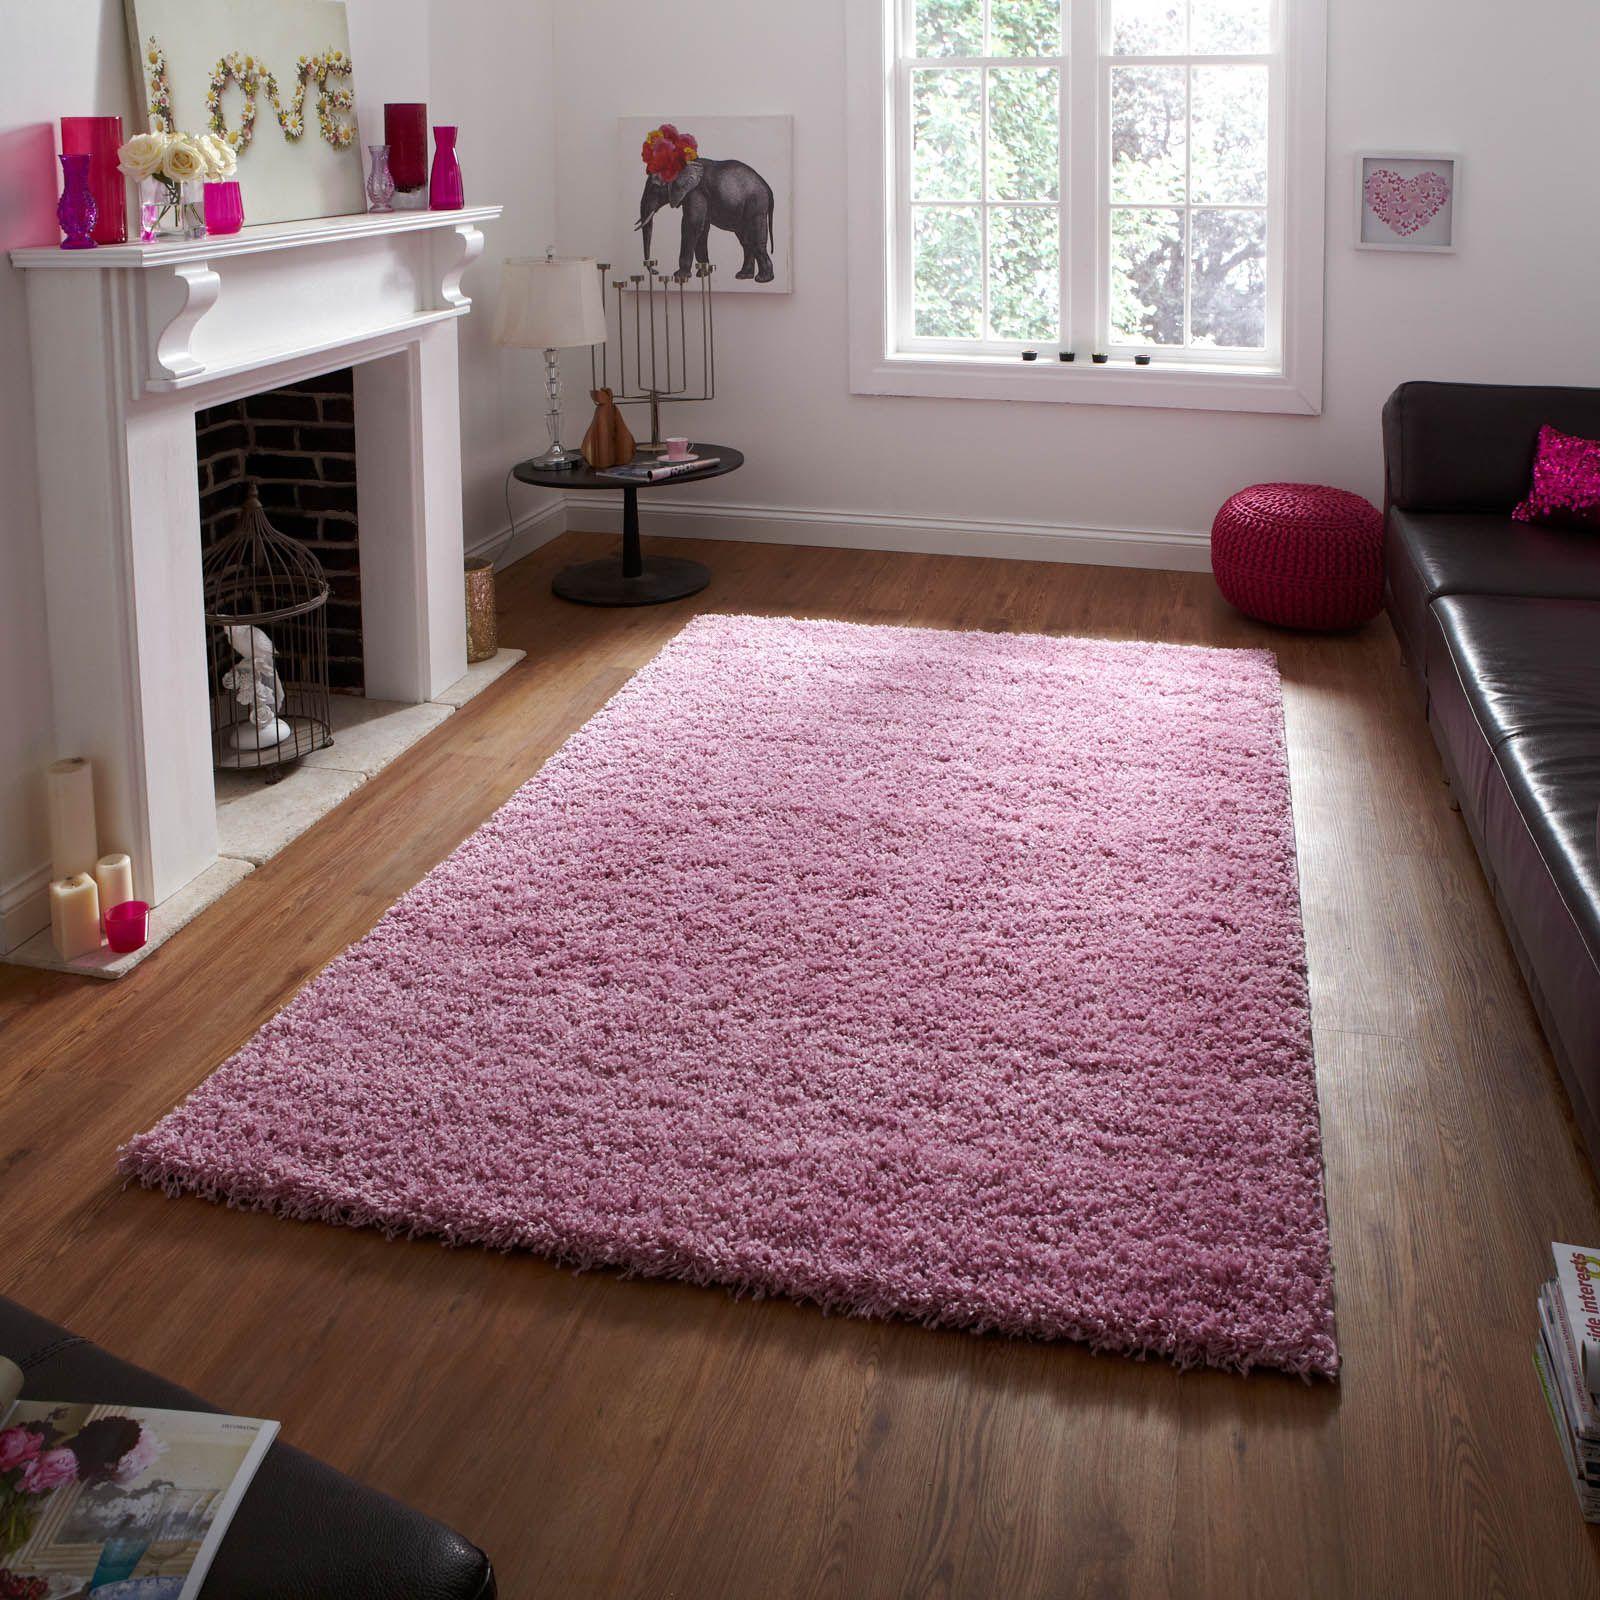 Flauschige Schlafzimmer Teppiche Vistas, Alfombras, Ave